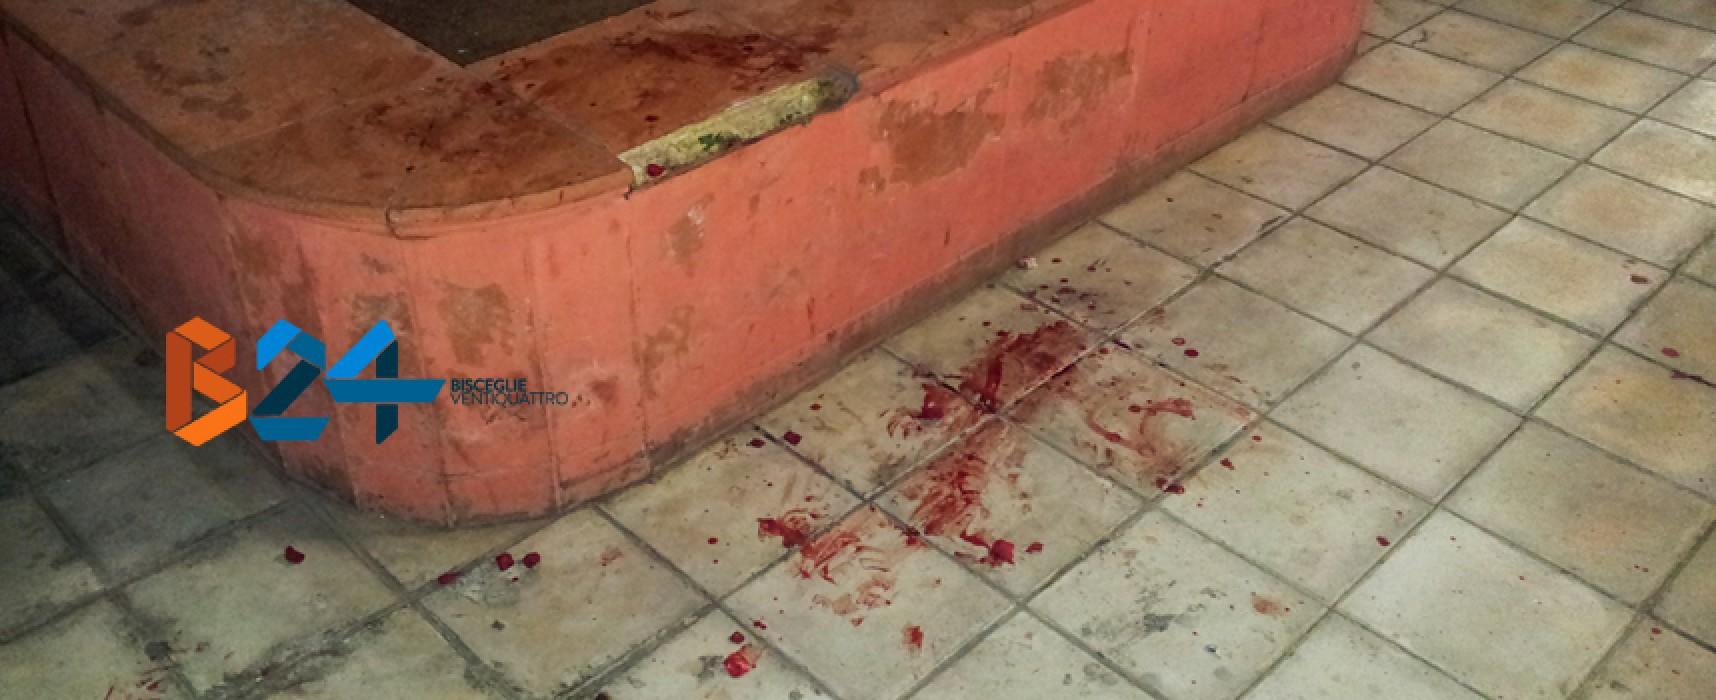 Sangue ovunque in stazione e Pinuccio soccorso dall'Oer: il caso del clochard è un'emergenza / FOTO